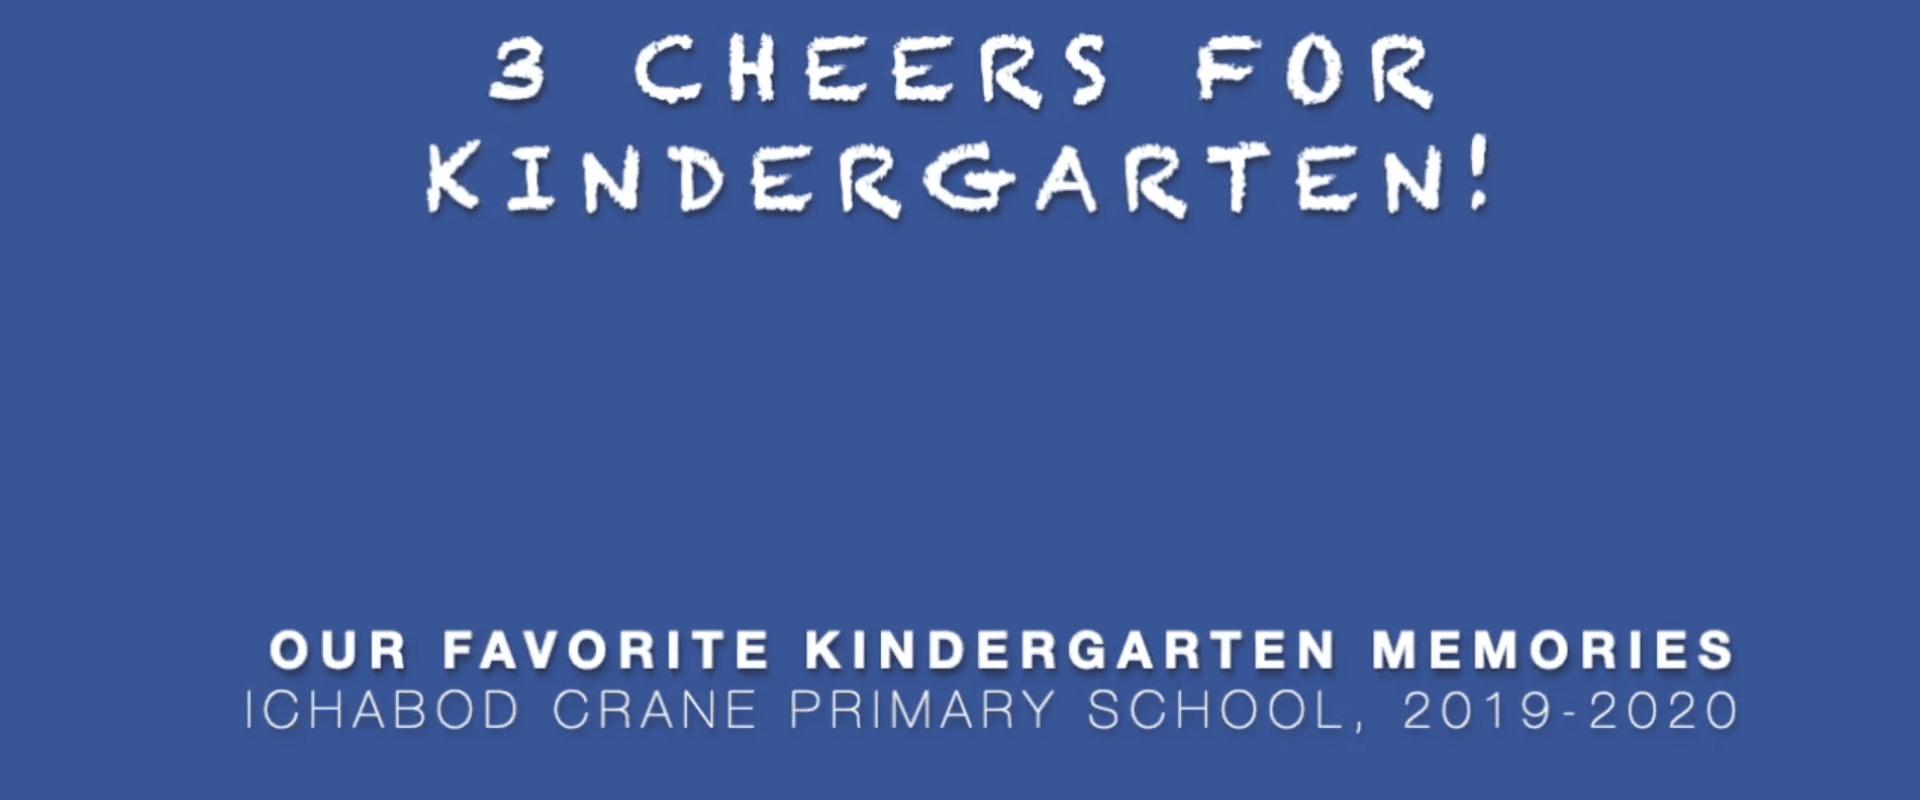 3 Cheers for Kindergarten